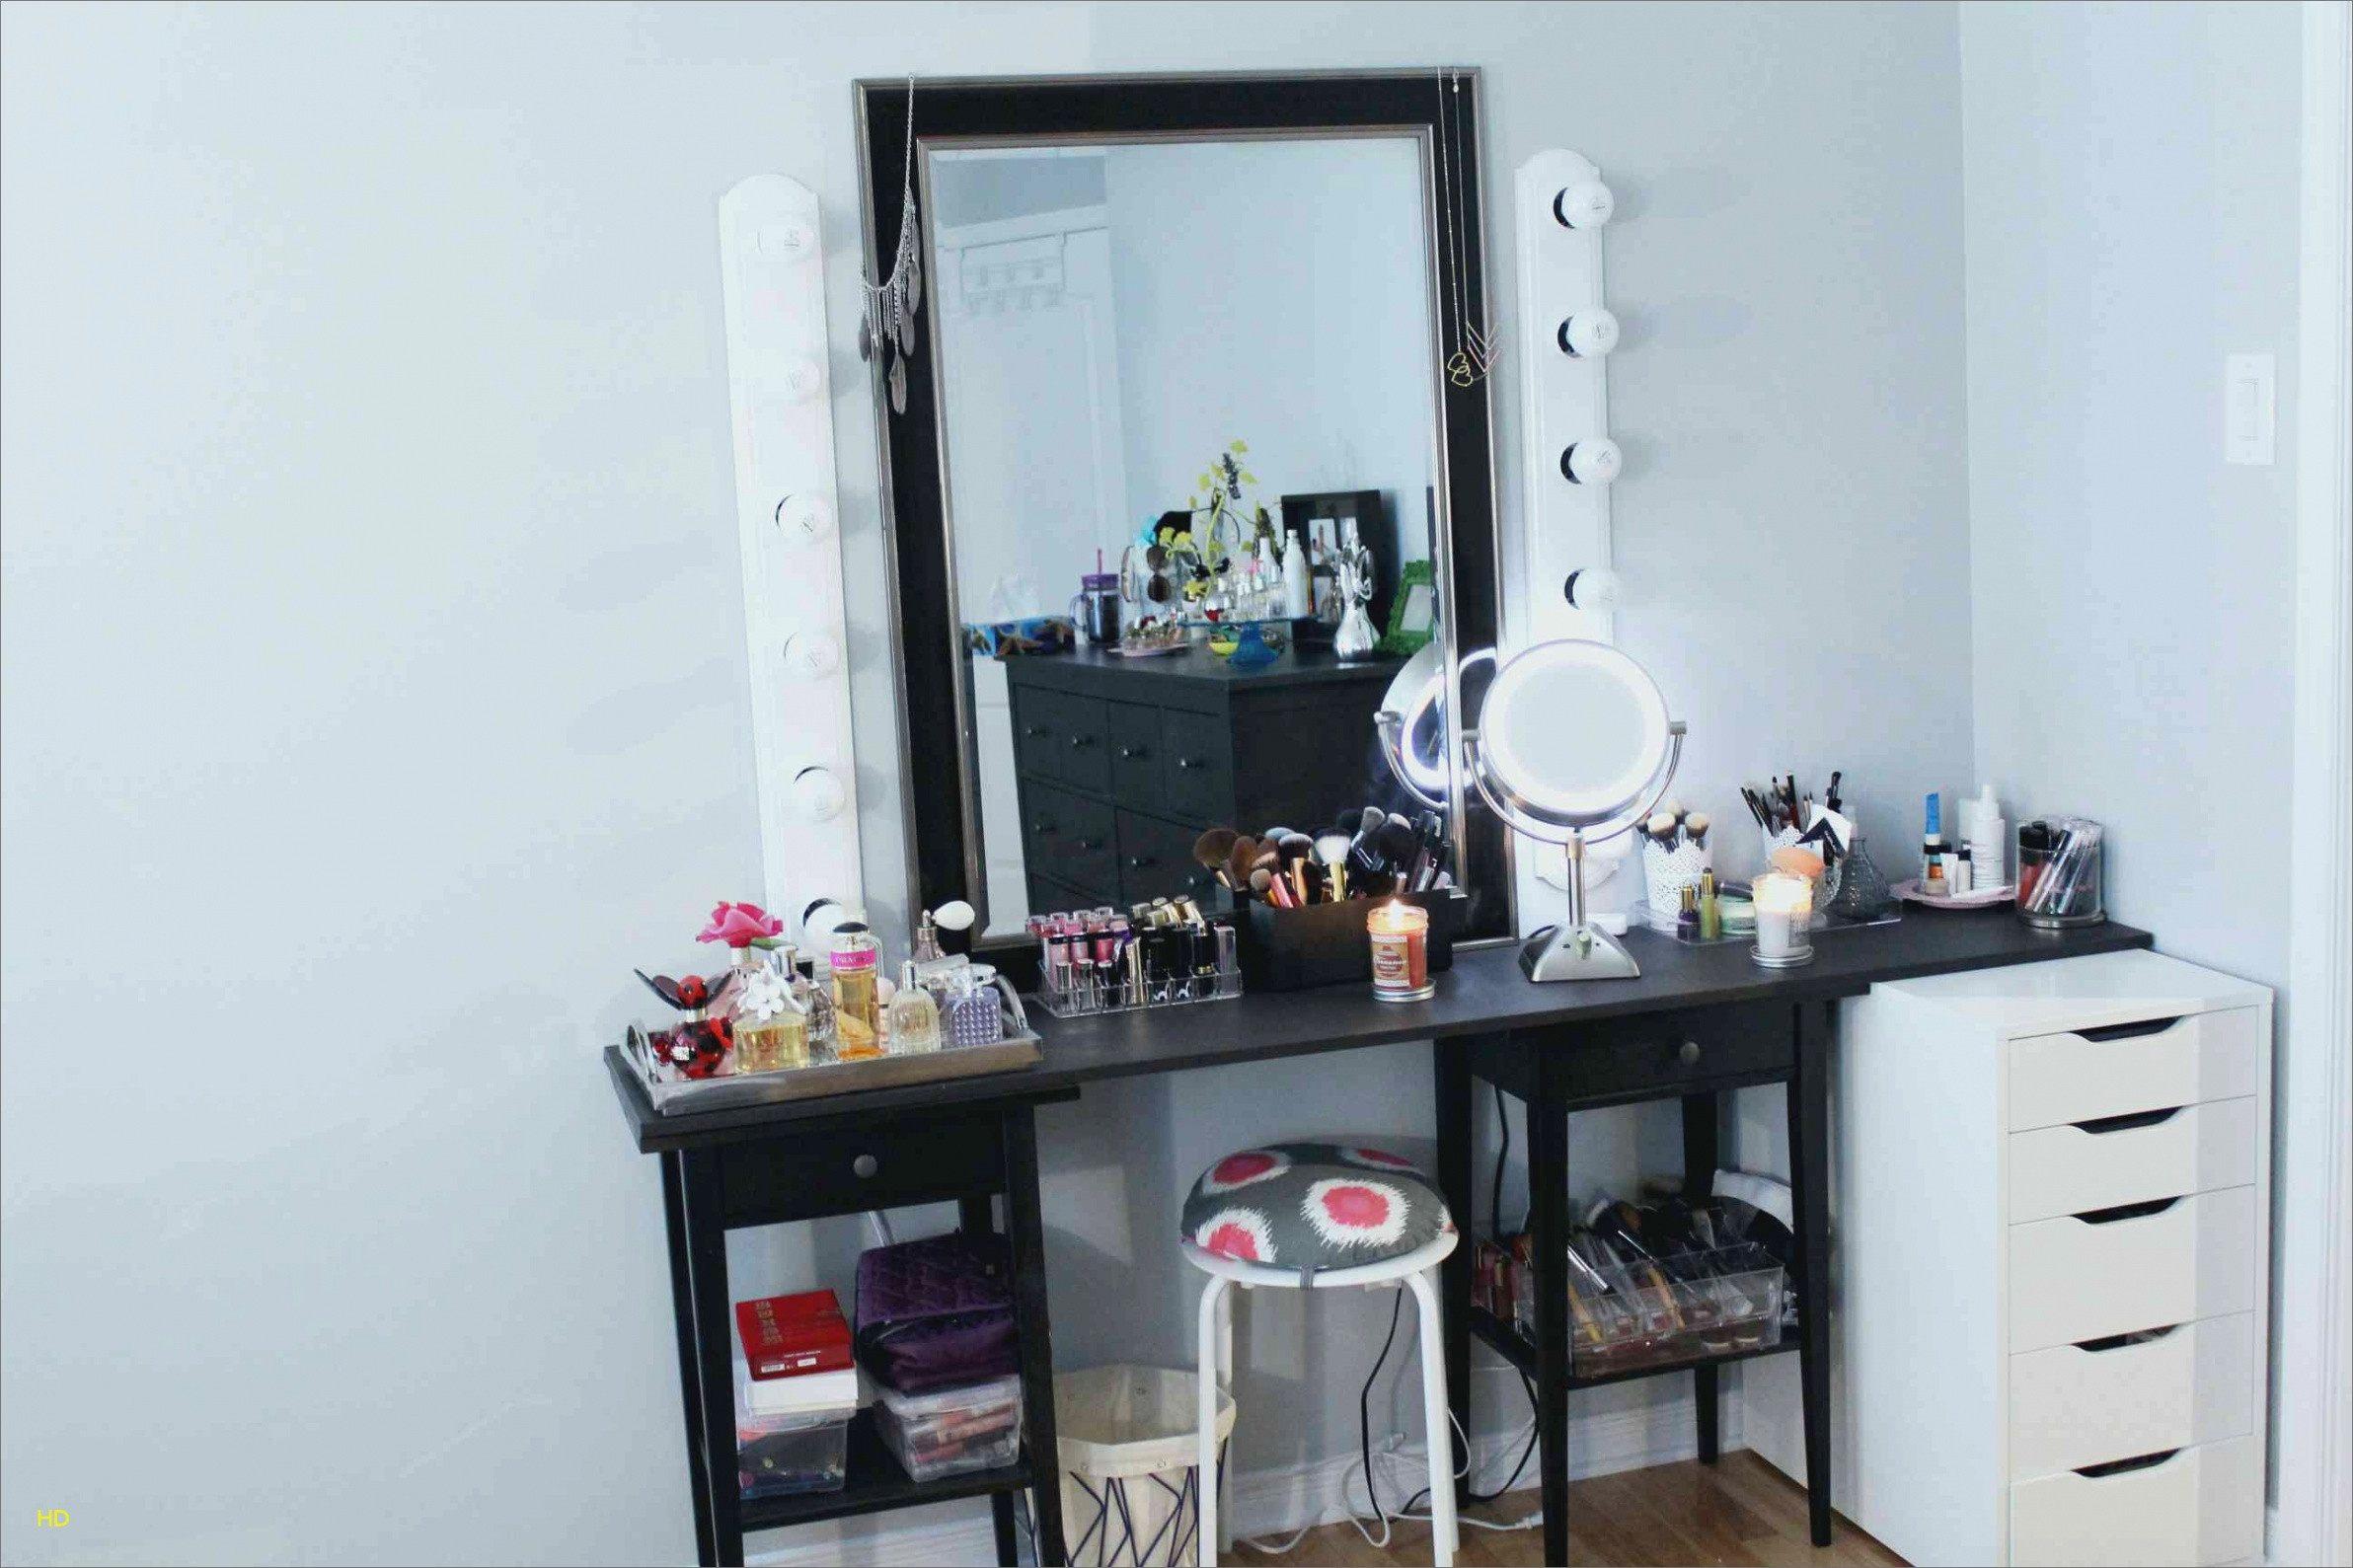 Lit Rangement Conforama Inspiré Petit Meuble Colonne Salon Meubles De Rangement Conforama Joli